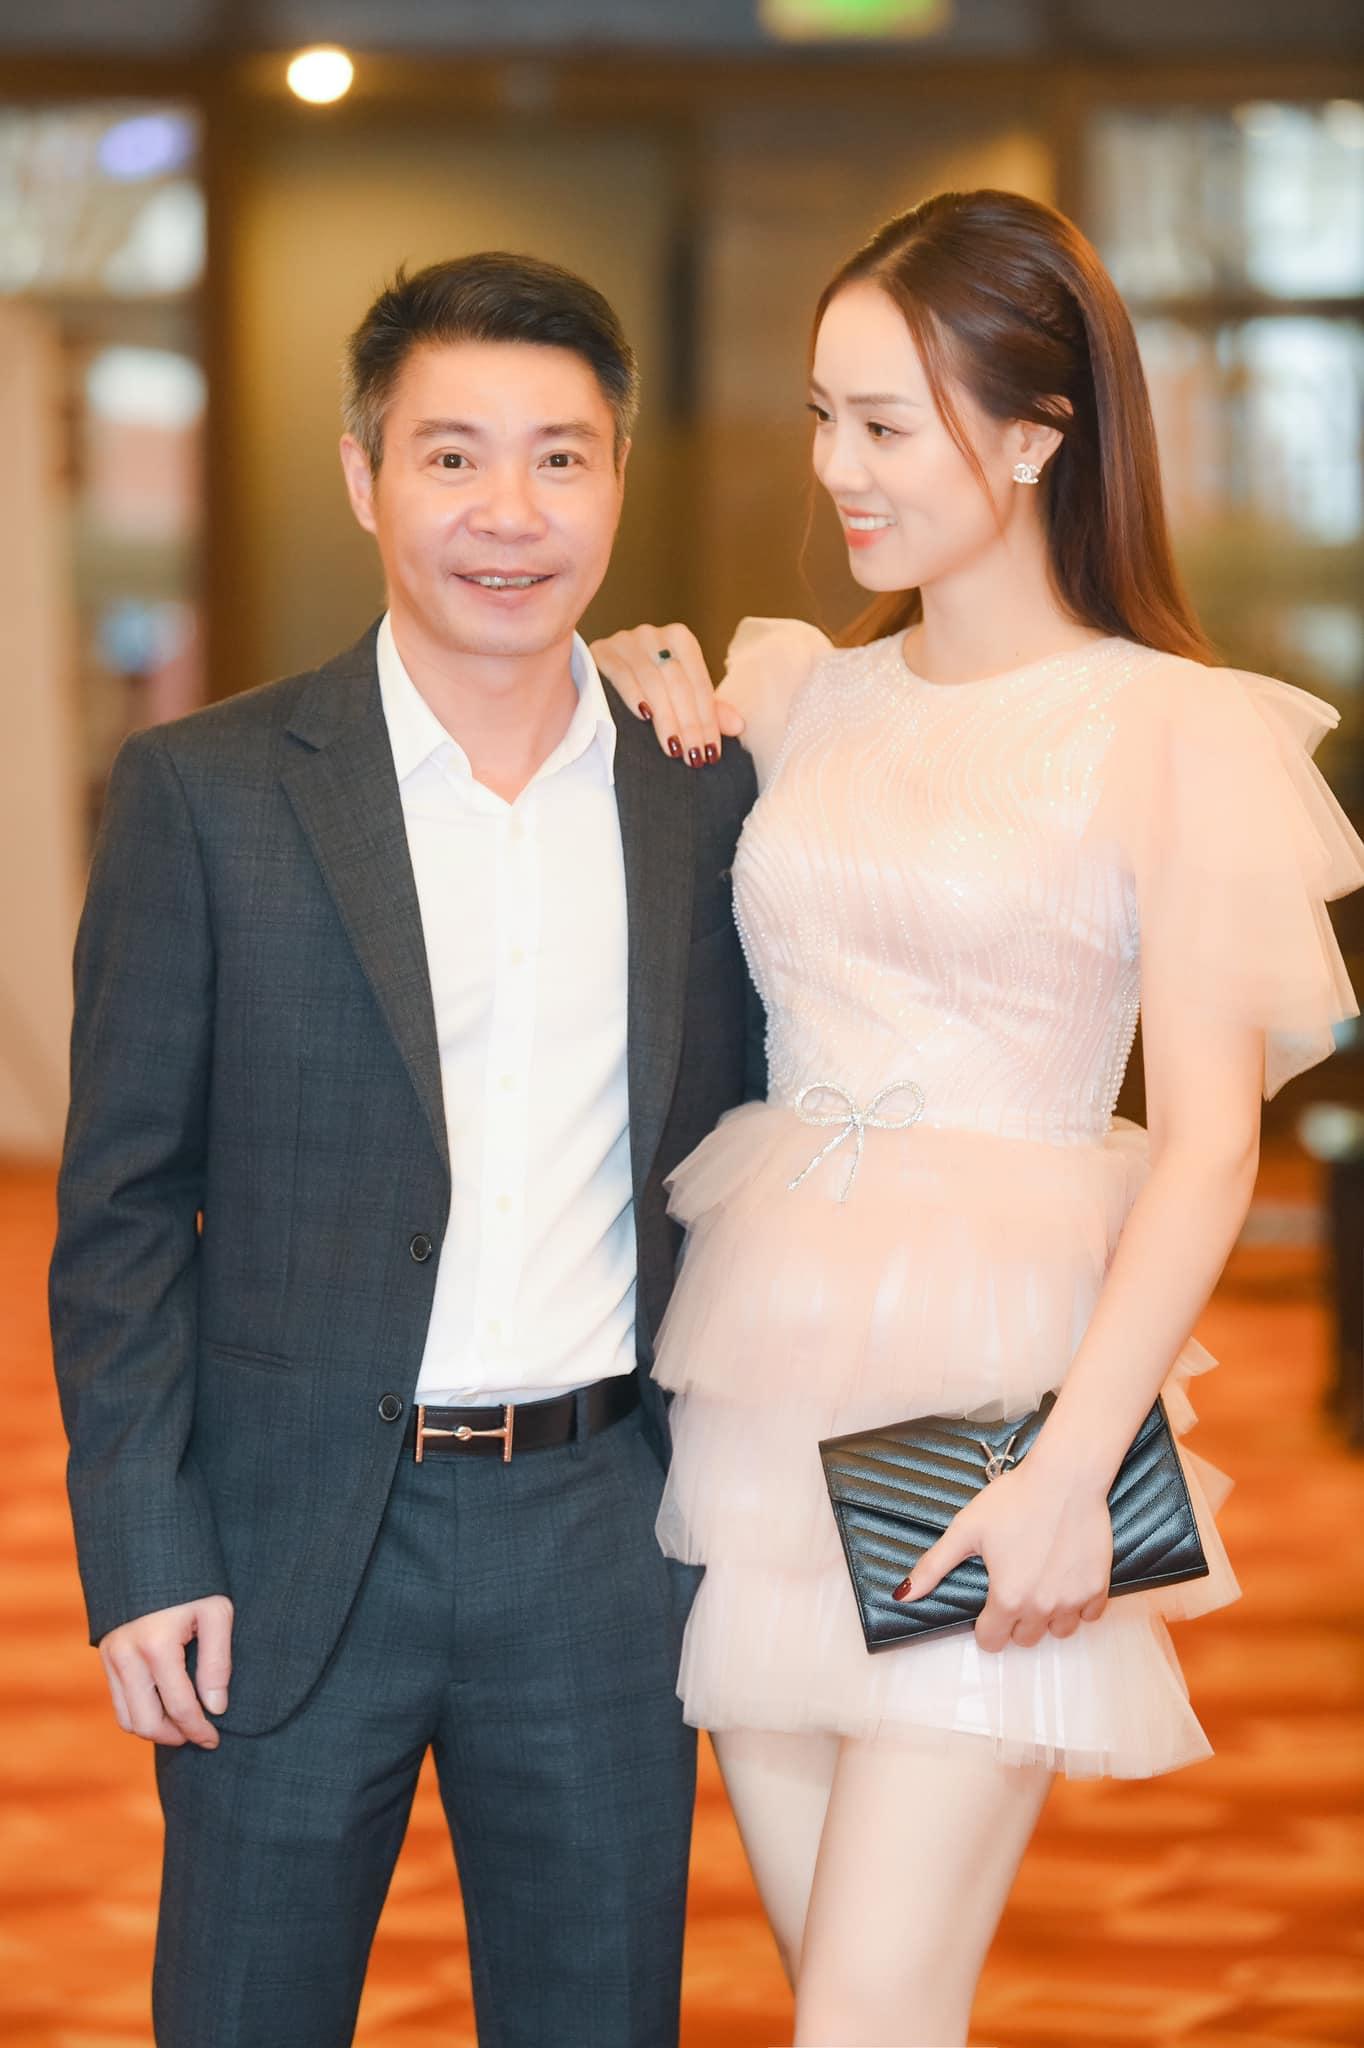 """Ngọc Hà - nữ phóng viên tuổi 32, duyên dáng từ nhan sắc tới phong cách thời trang, khiến """"cô Đẩu"""" trúng sét ngay từ lần đầu phỏng vấn - Ảnh 1."""